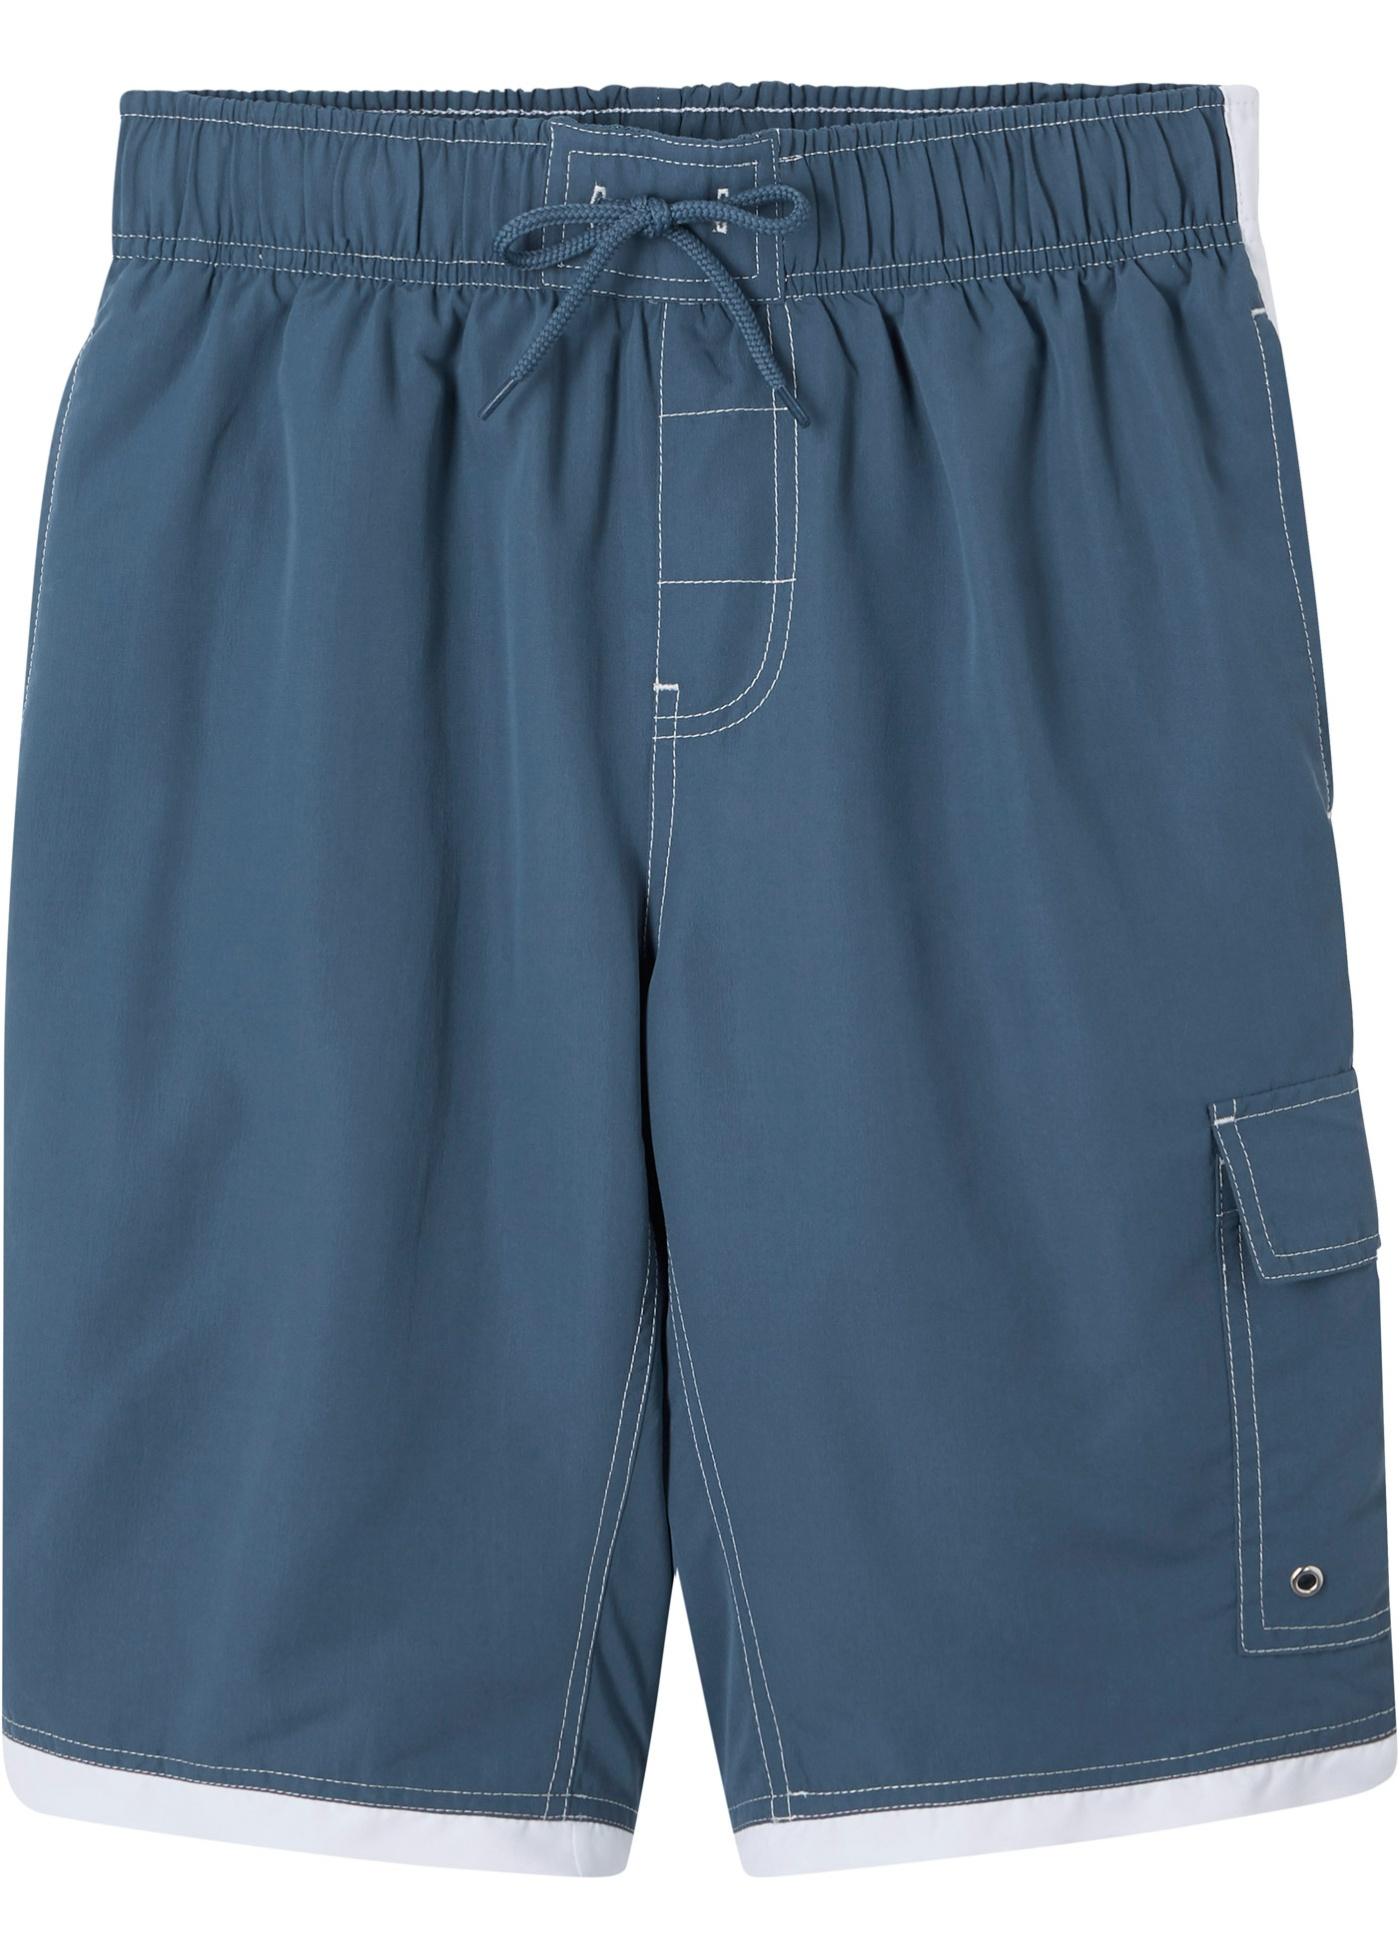 Bermuda mit Tasche in blau für Jungen von bonprix